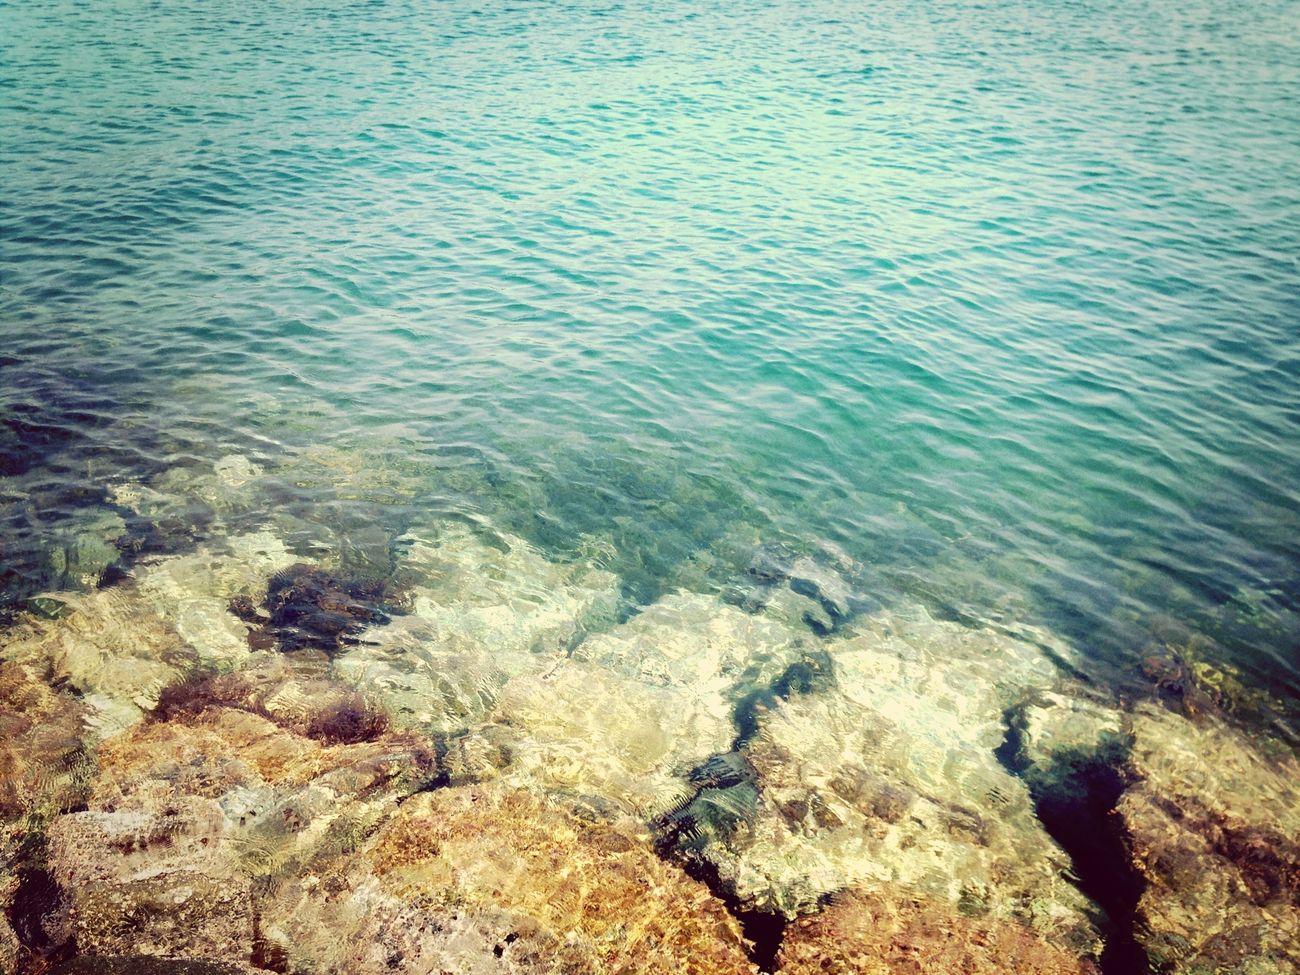 隠岐の島 Sea_collection